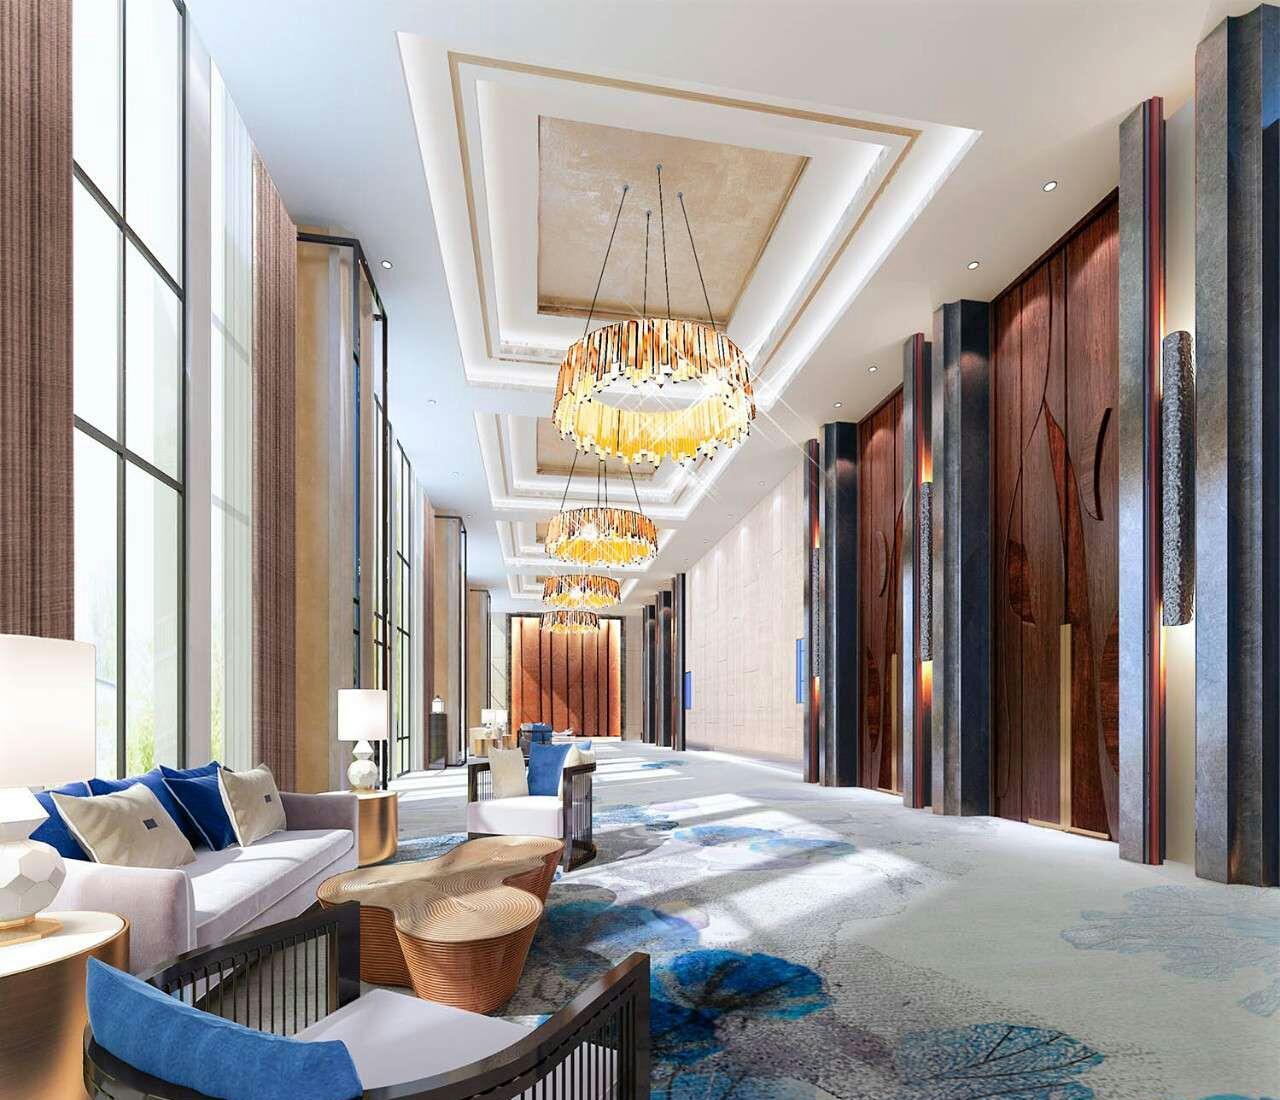 中式酒店客房装修设计有哪些基本理念